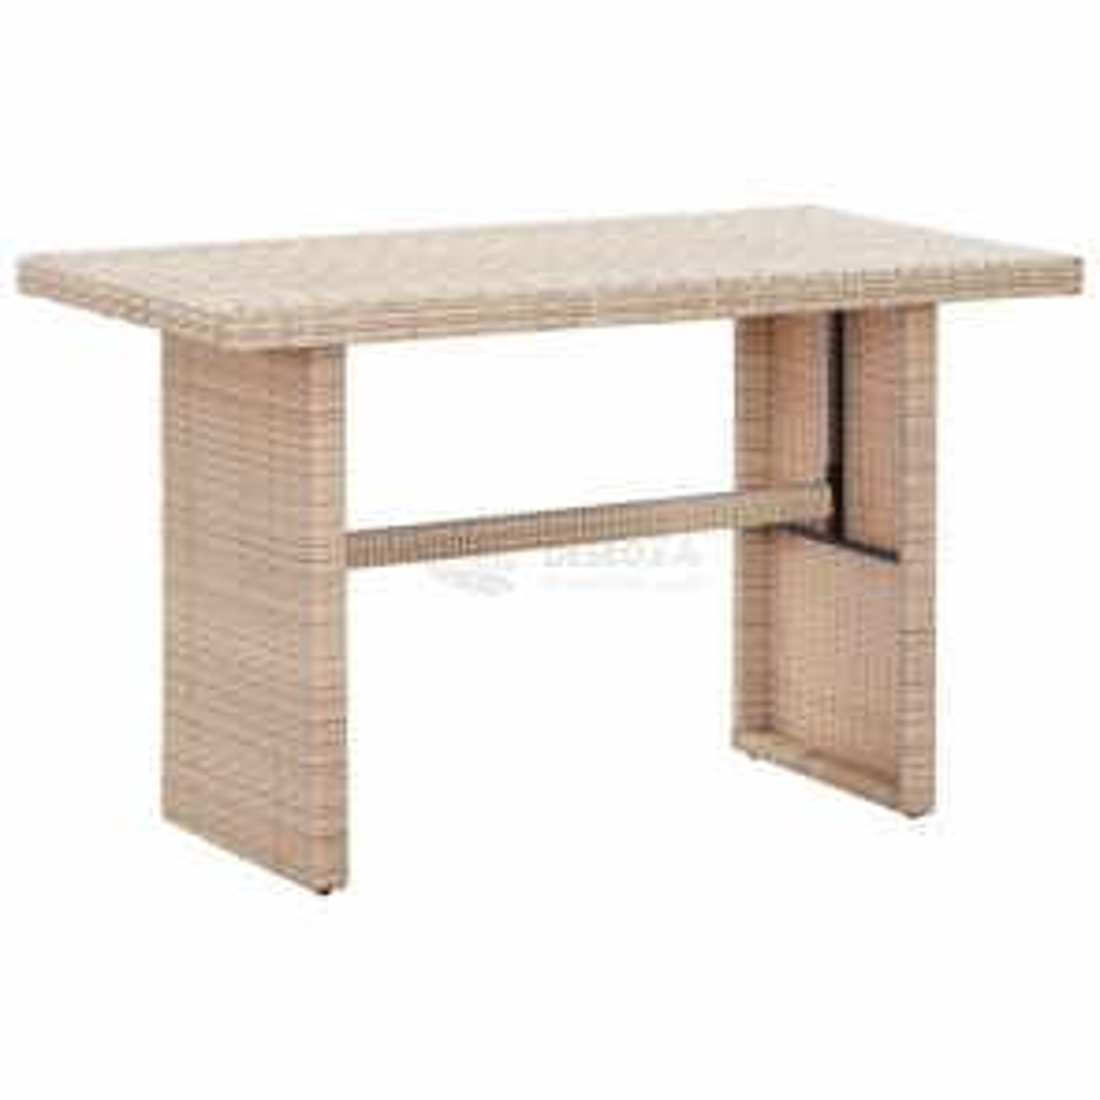 vidaXL Zahradní stůl béžový 110 x 60 x 67 cm polyratan [46444]